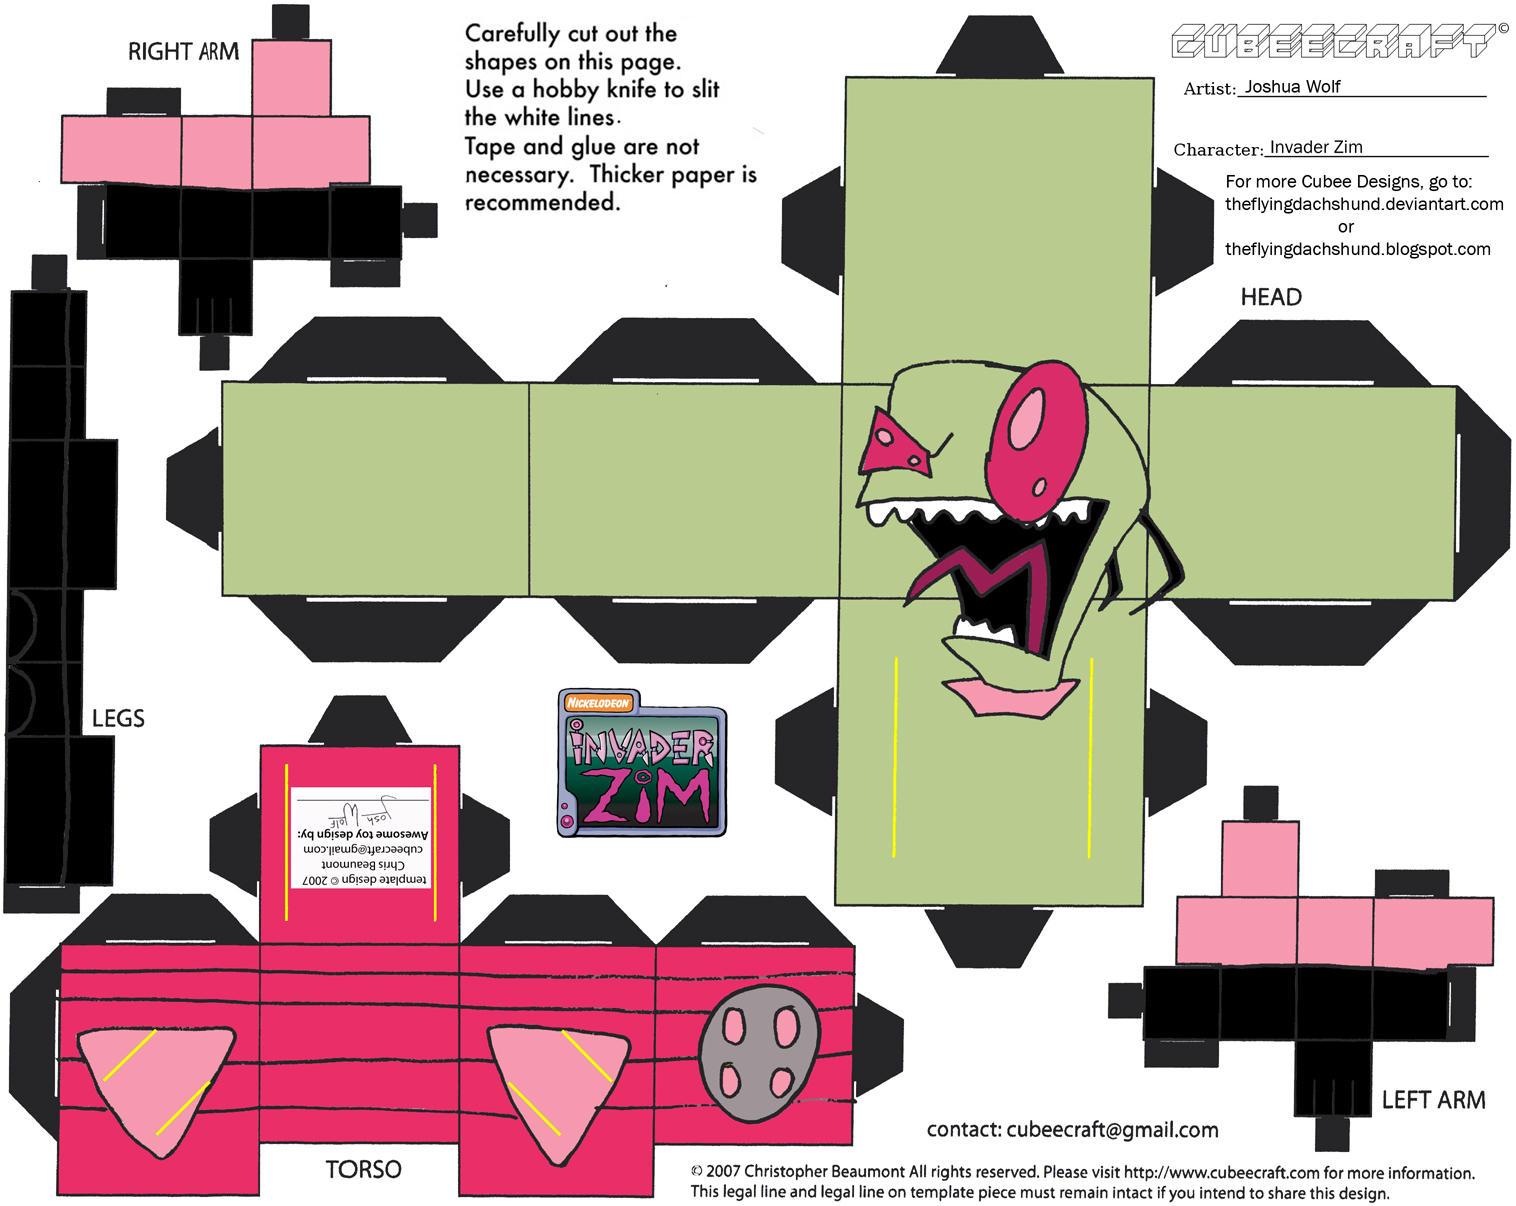 Zim: Invader Zim Cubee by TheFlyingDachshund